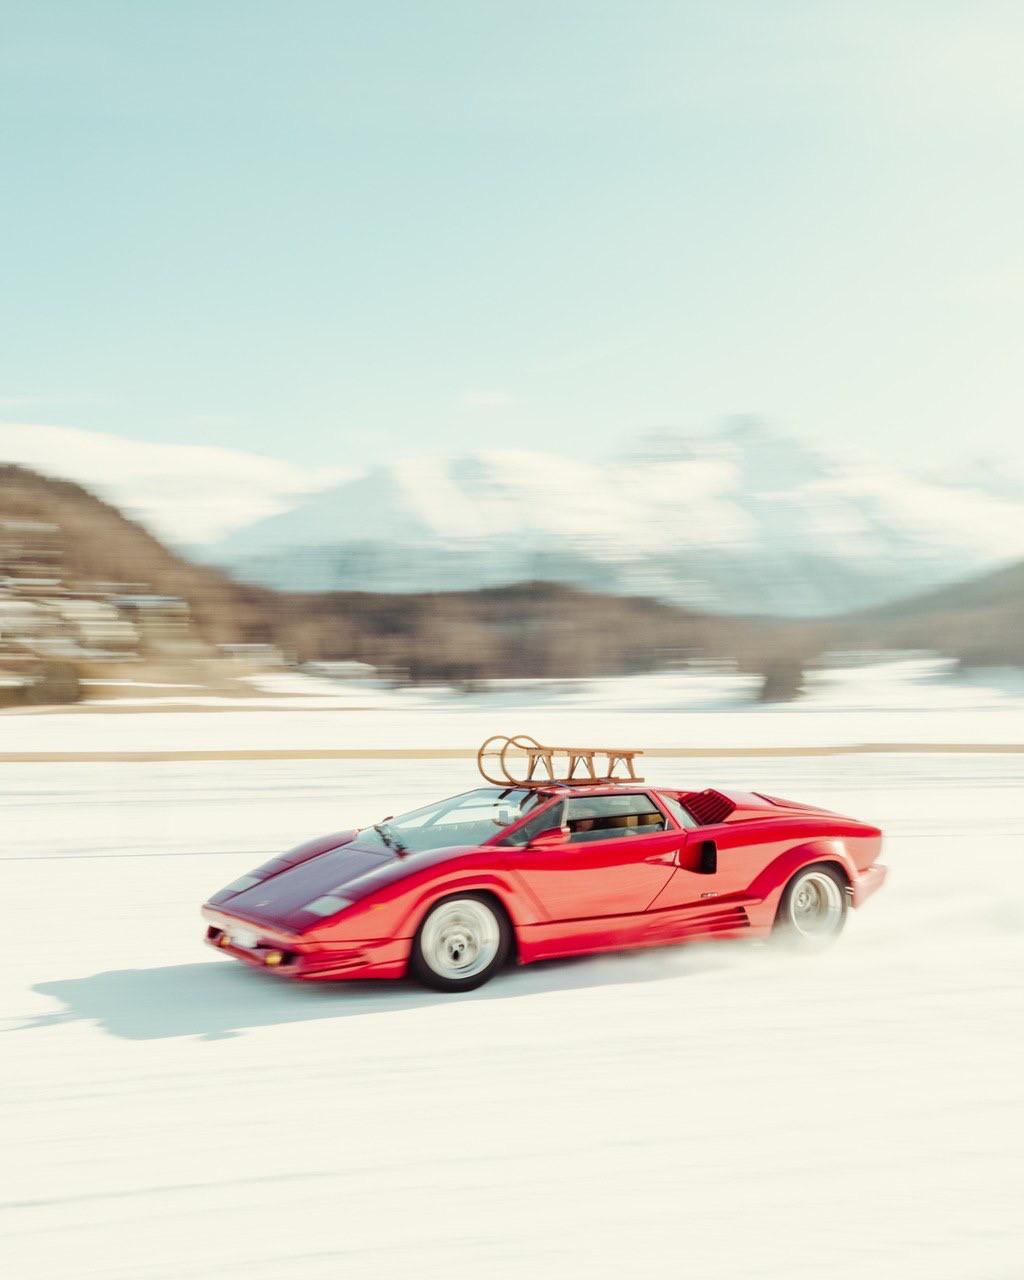 Sabato 29 febbraio appuntamento sul lago ghiacciato delle Alpi svizzere per un weekend dedicato agli appassionati di auto classiche, vintage e di cors...